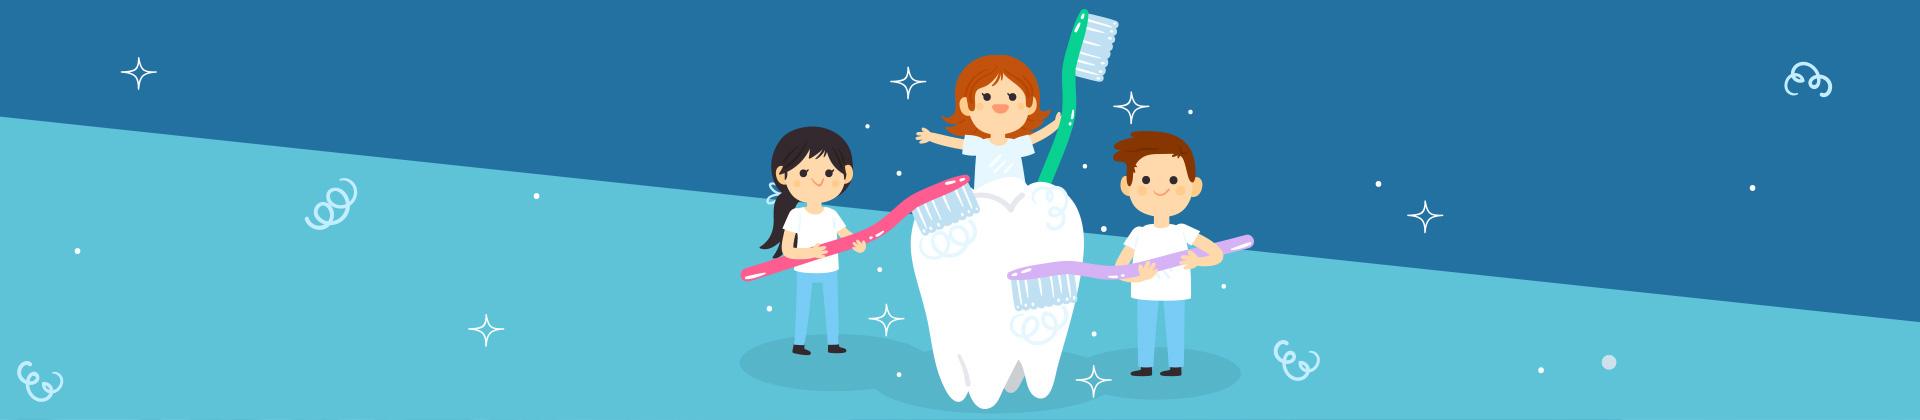 corsi bimbi igiene orale 18 mesi 4 anni studio dentistico pelizzoni milano